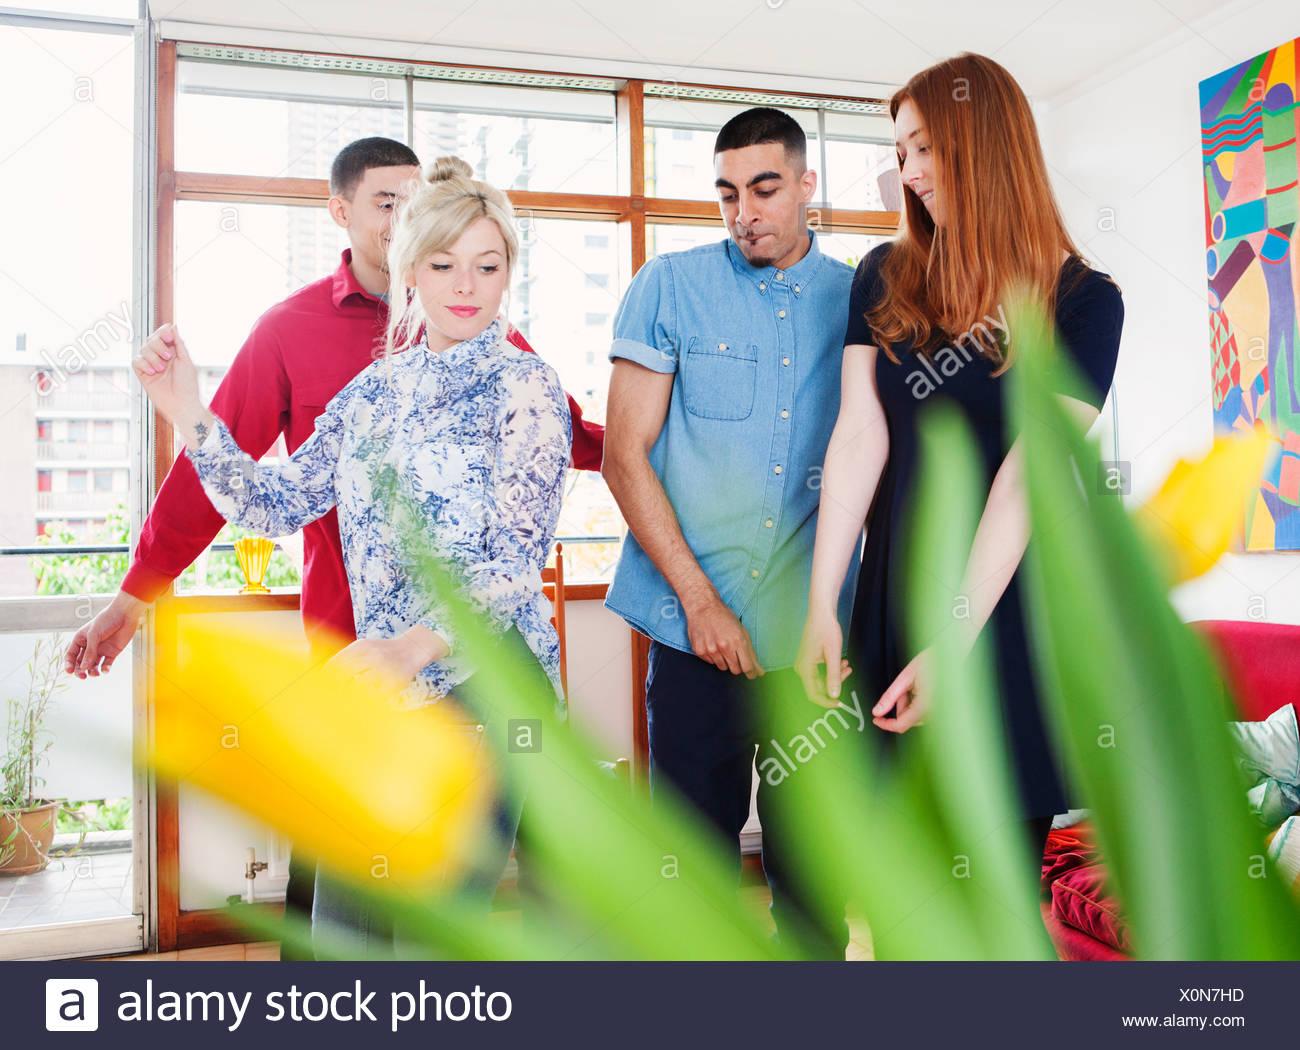 Los adultos jóvenes en la sala de estar Imagen De Stock